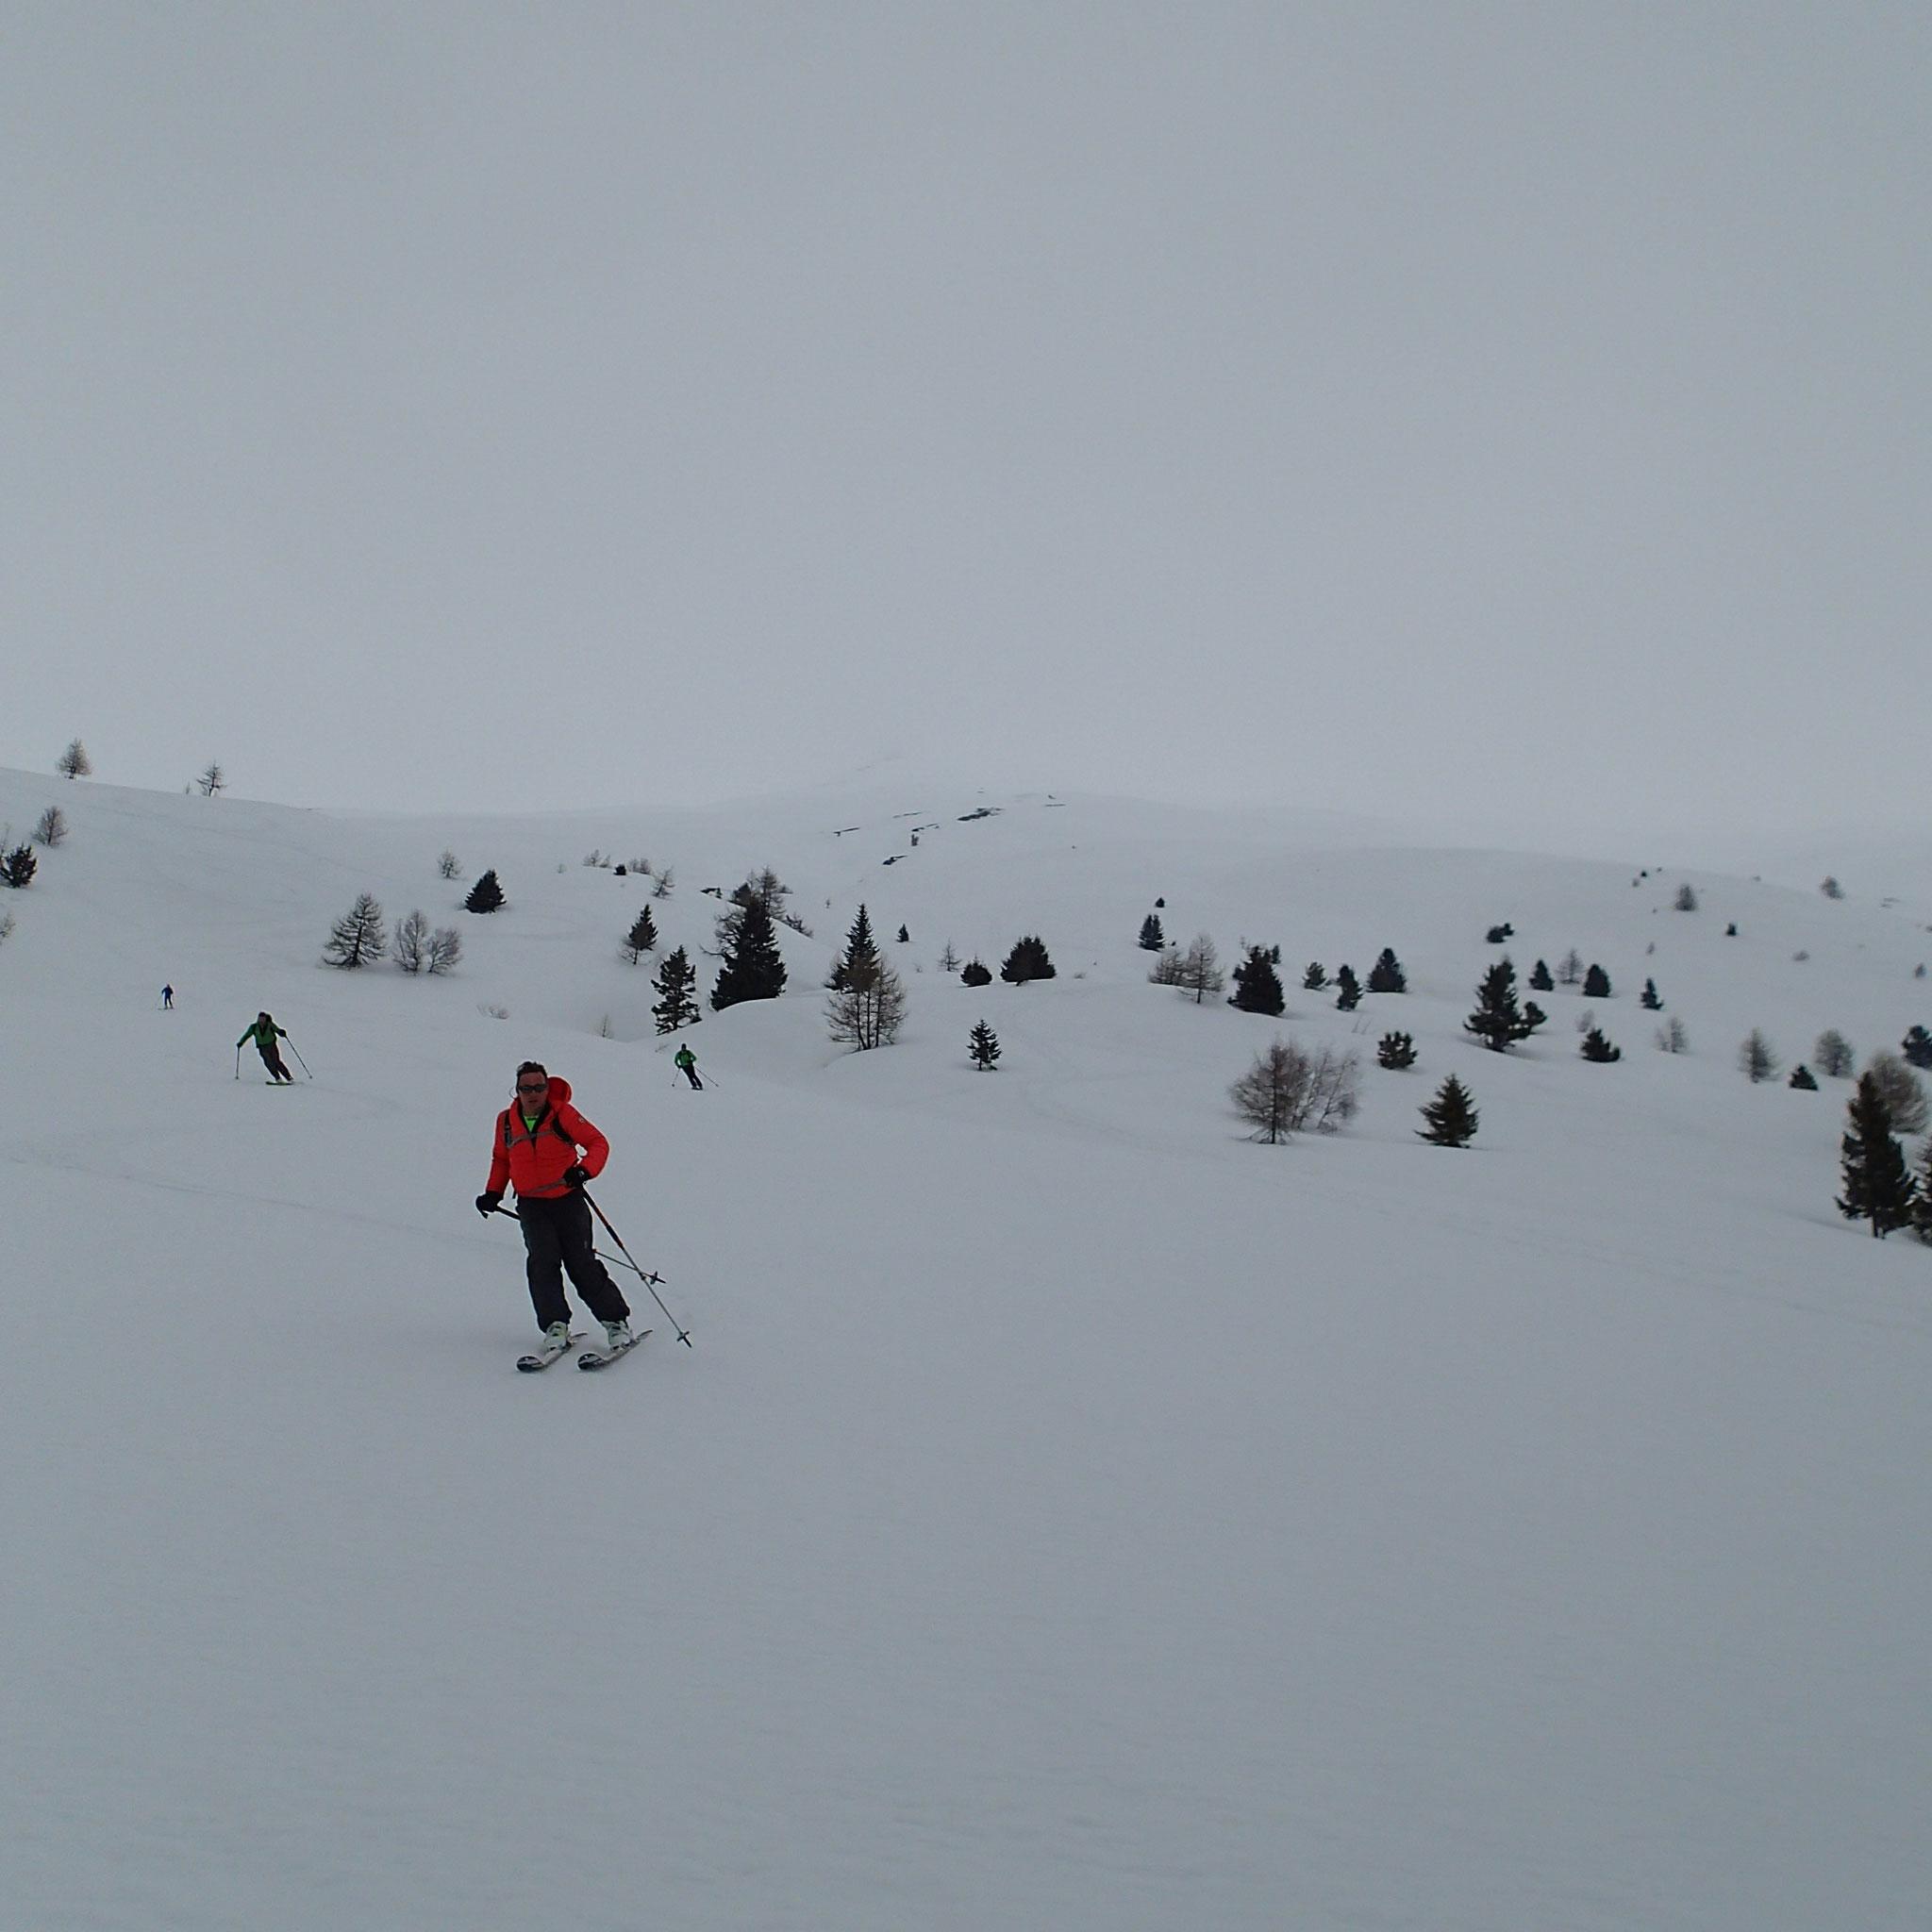 C'est vaste, 1100 m de descente et c'est bon pour le ski !